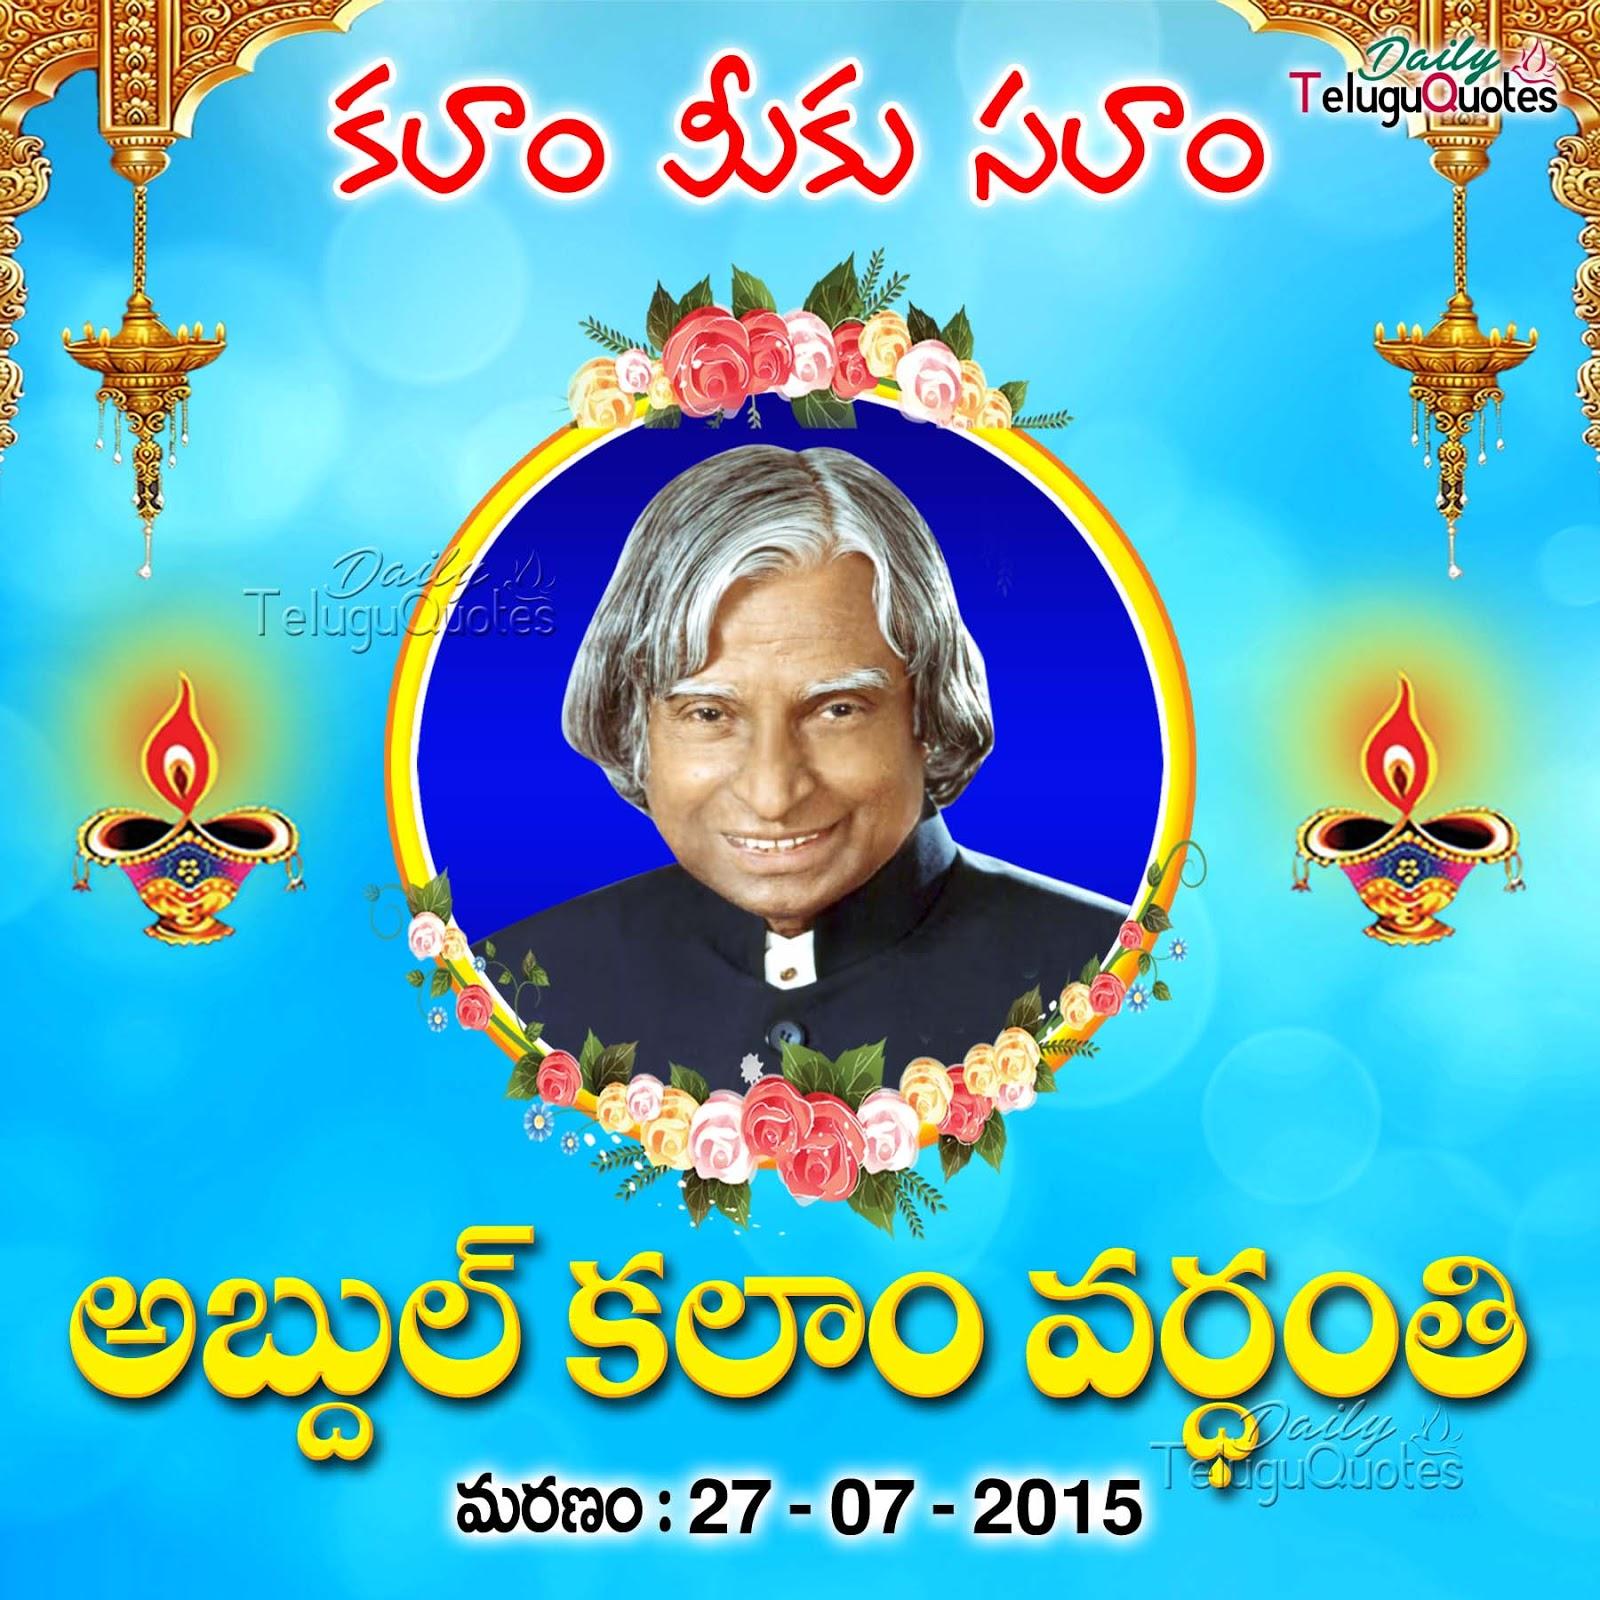 Apj Abdul Kalam Vardanti Telugu Quotes And Sayings Hd Wallpapers